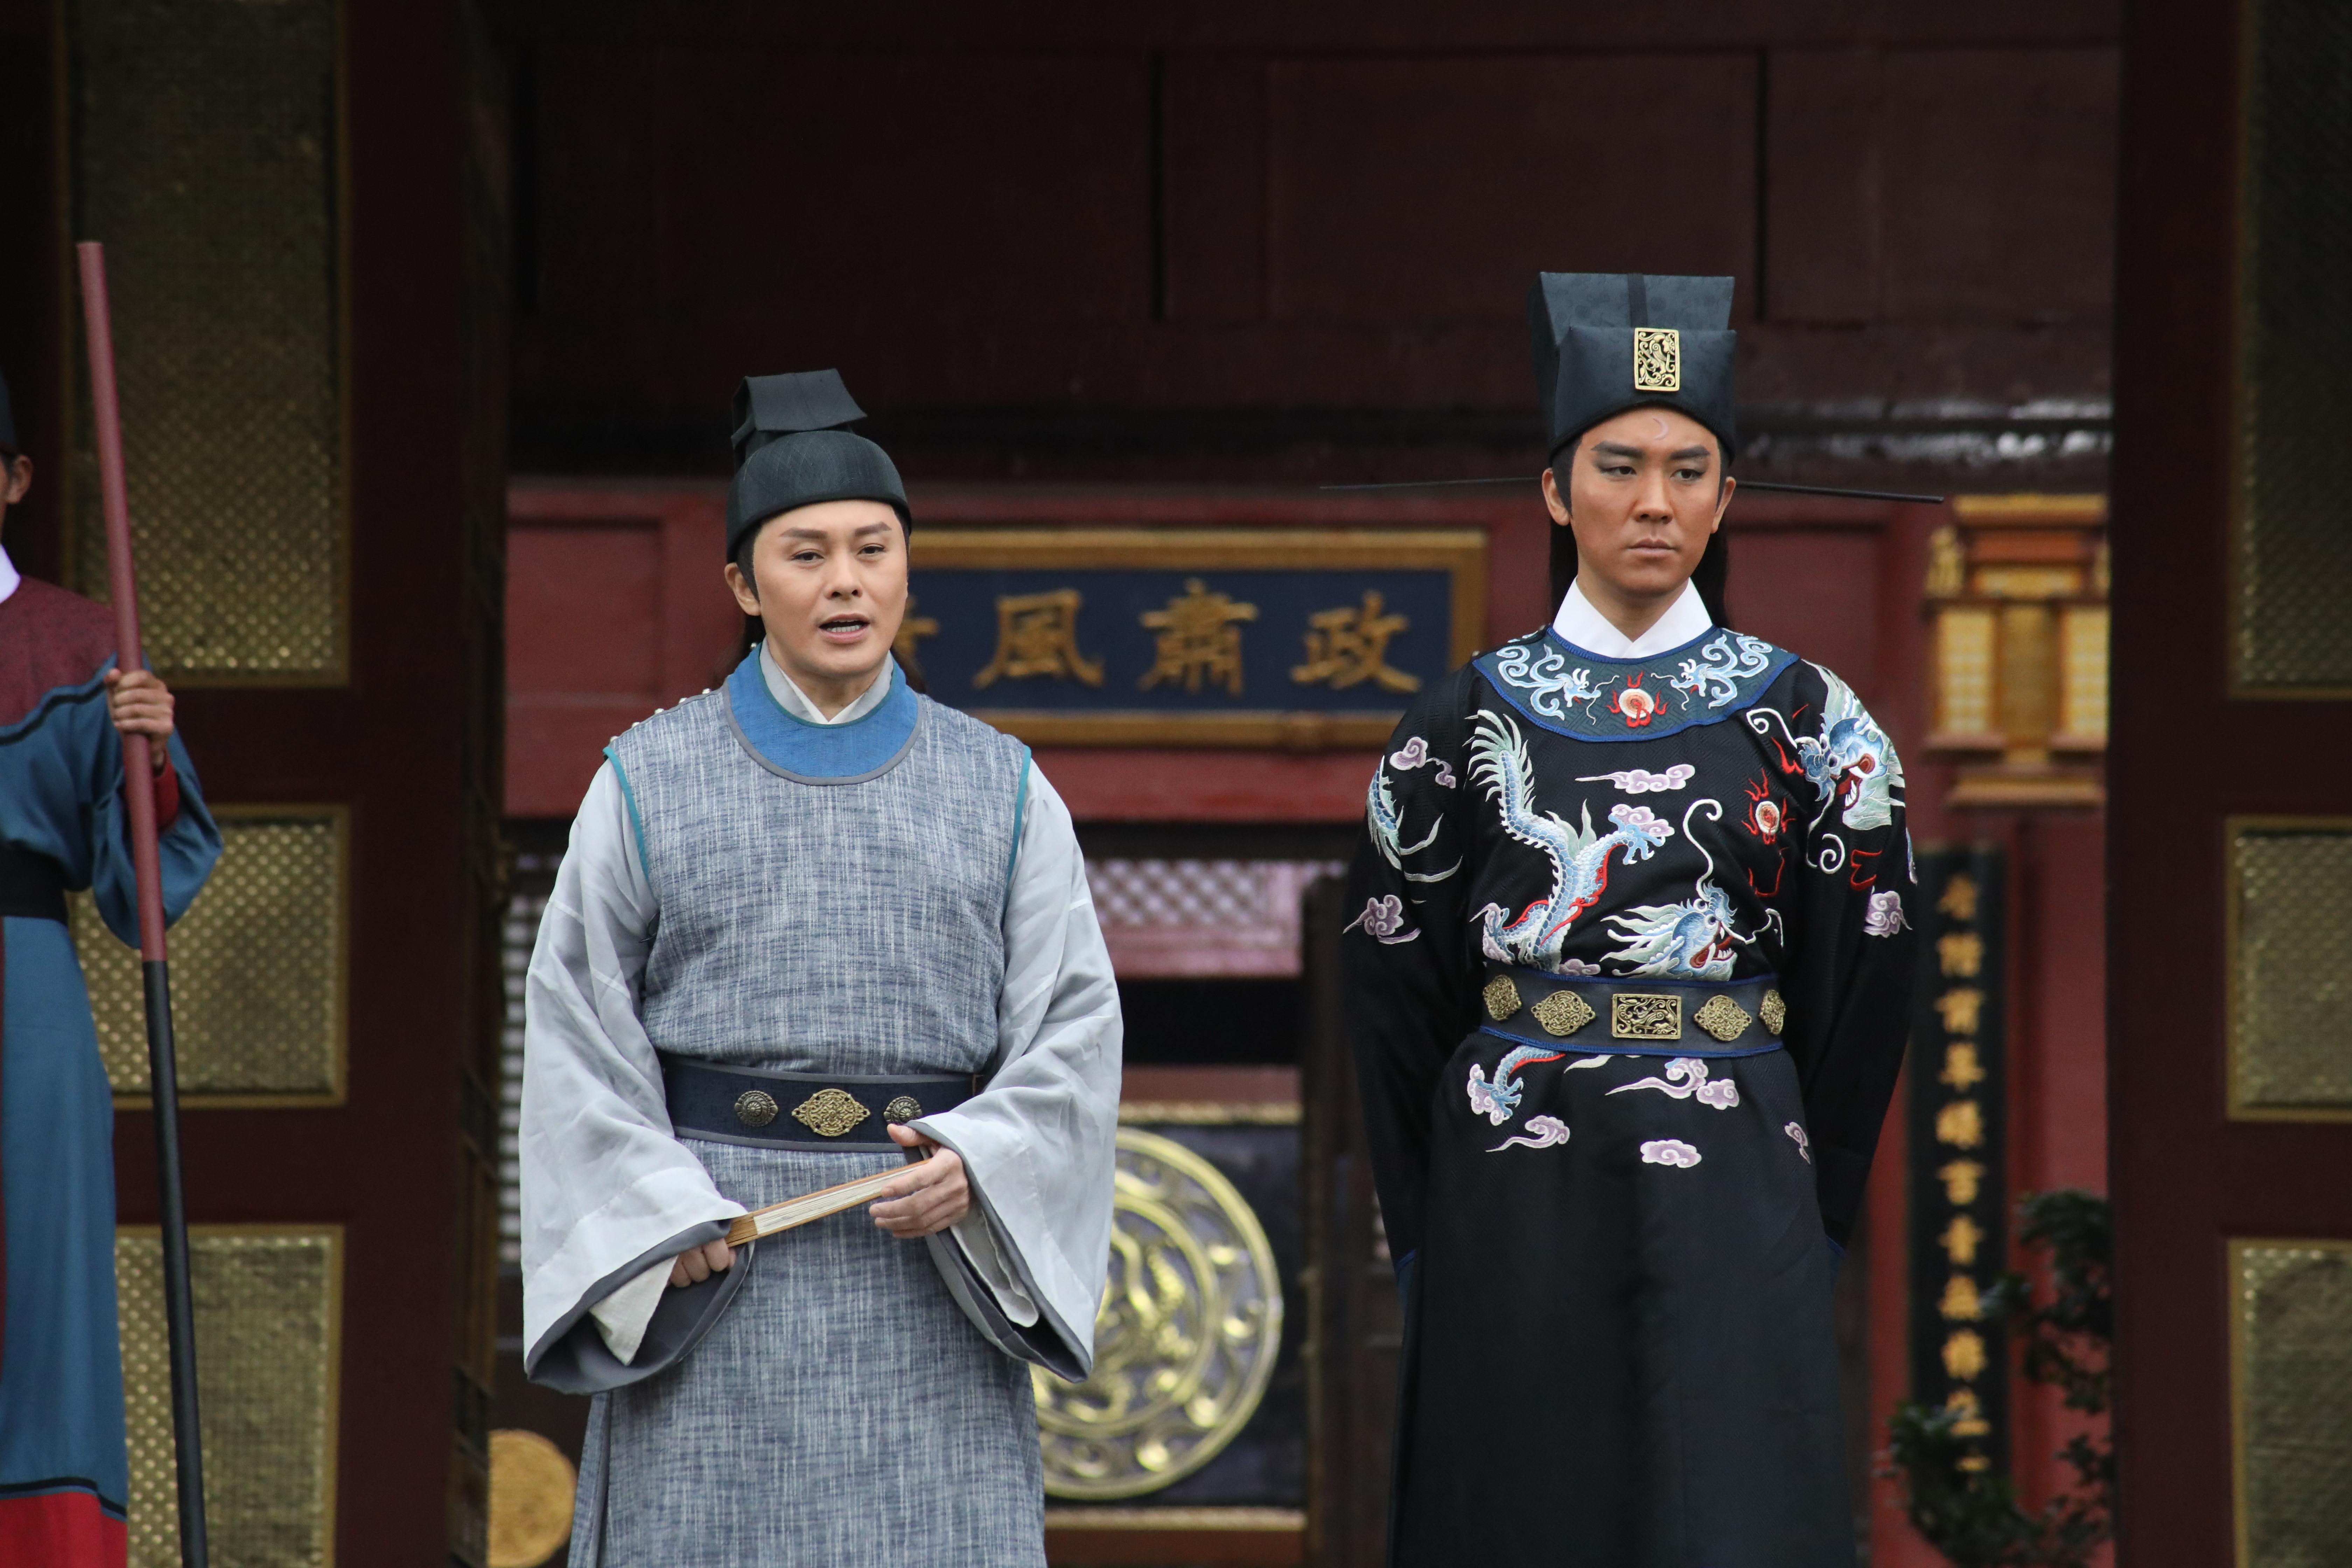 相隔廿多年,譚俊彥子承父業再演包青天,他坦言不可能與父親比較。